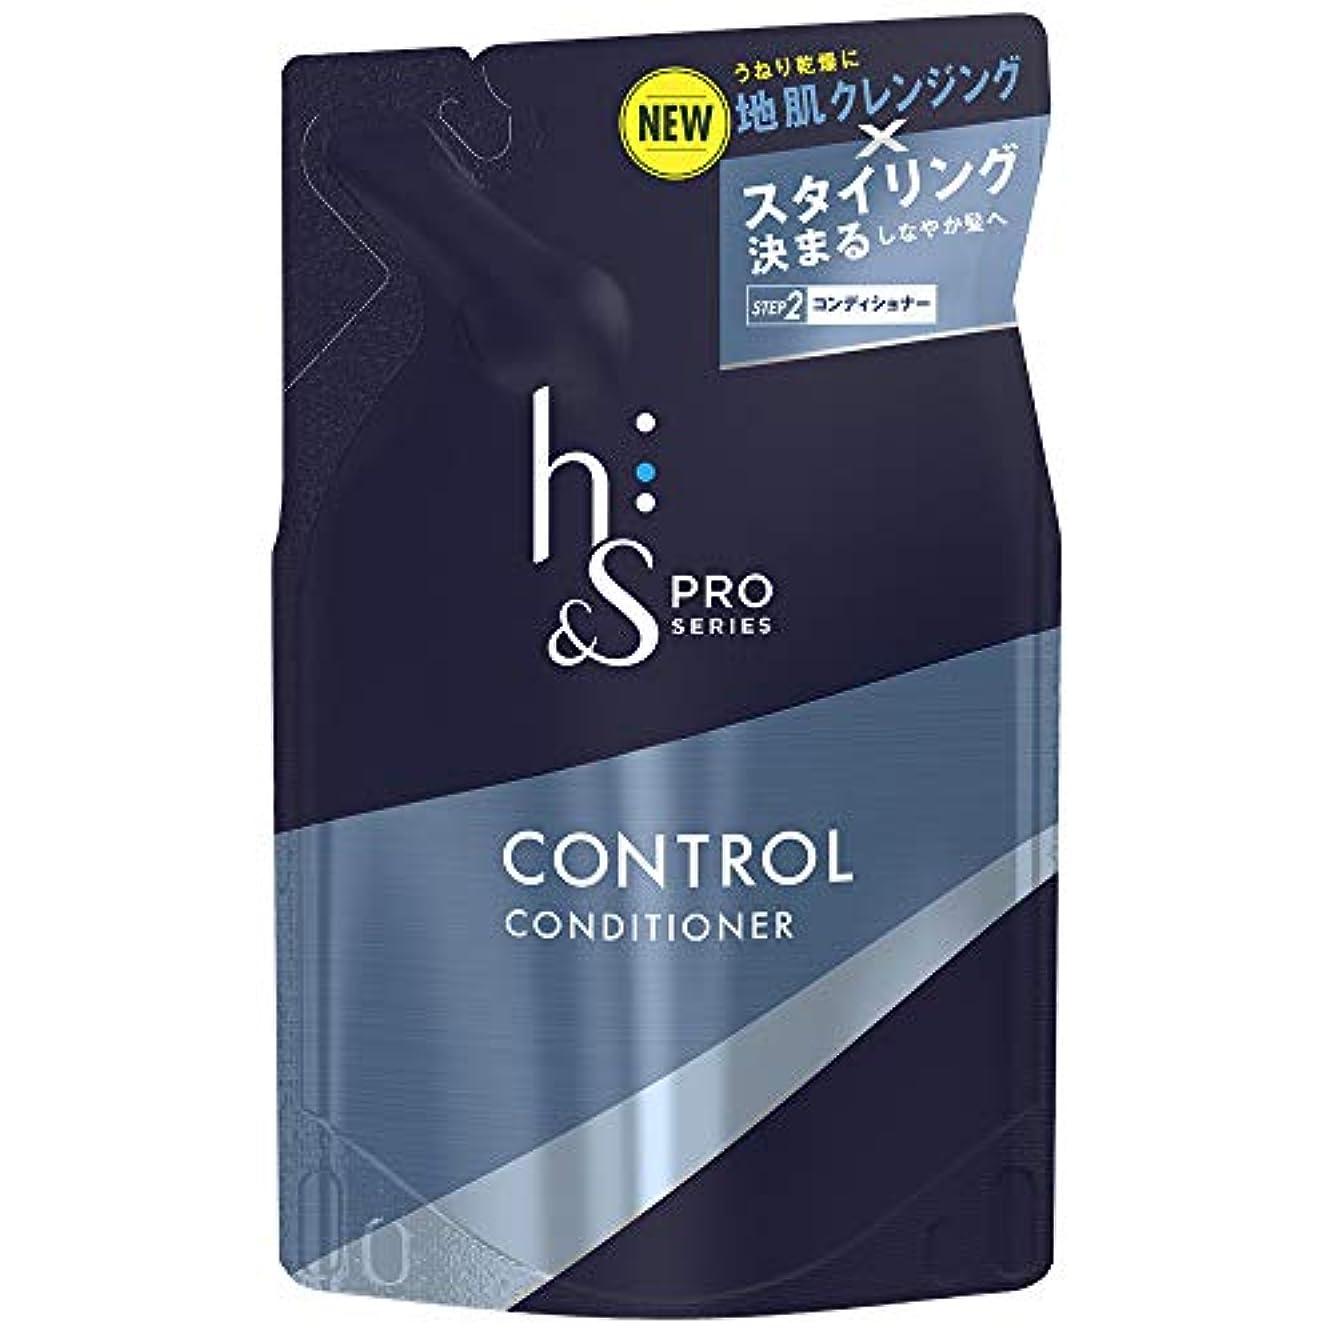 成果拡張懐疑的h&s PRO (エイチアンドエス プロ) メンズ コンディショナー コントロール 詰め替え (スタイリング重視) 300g